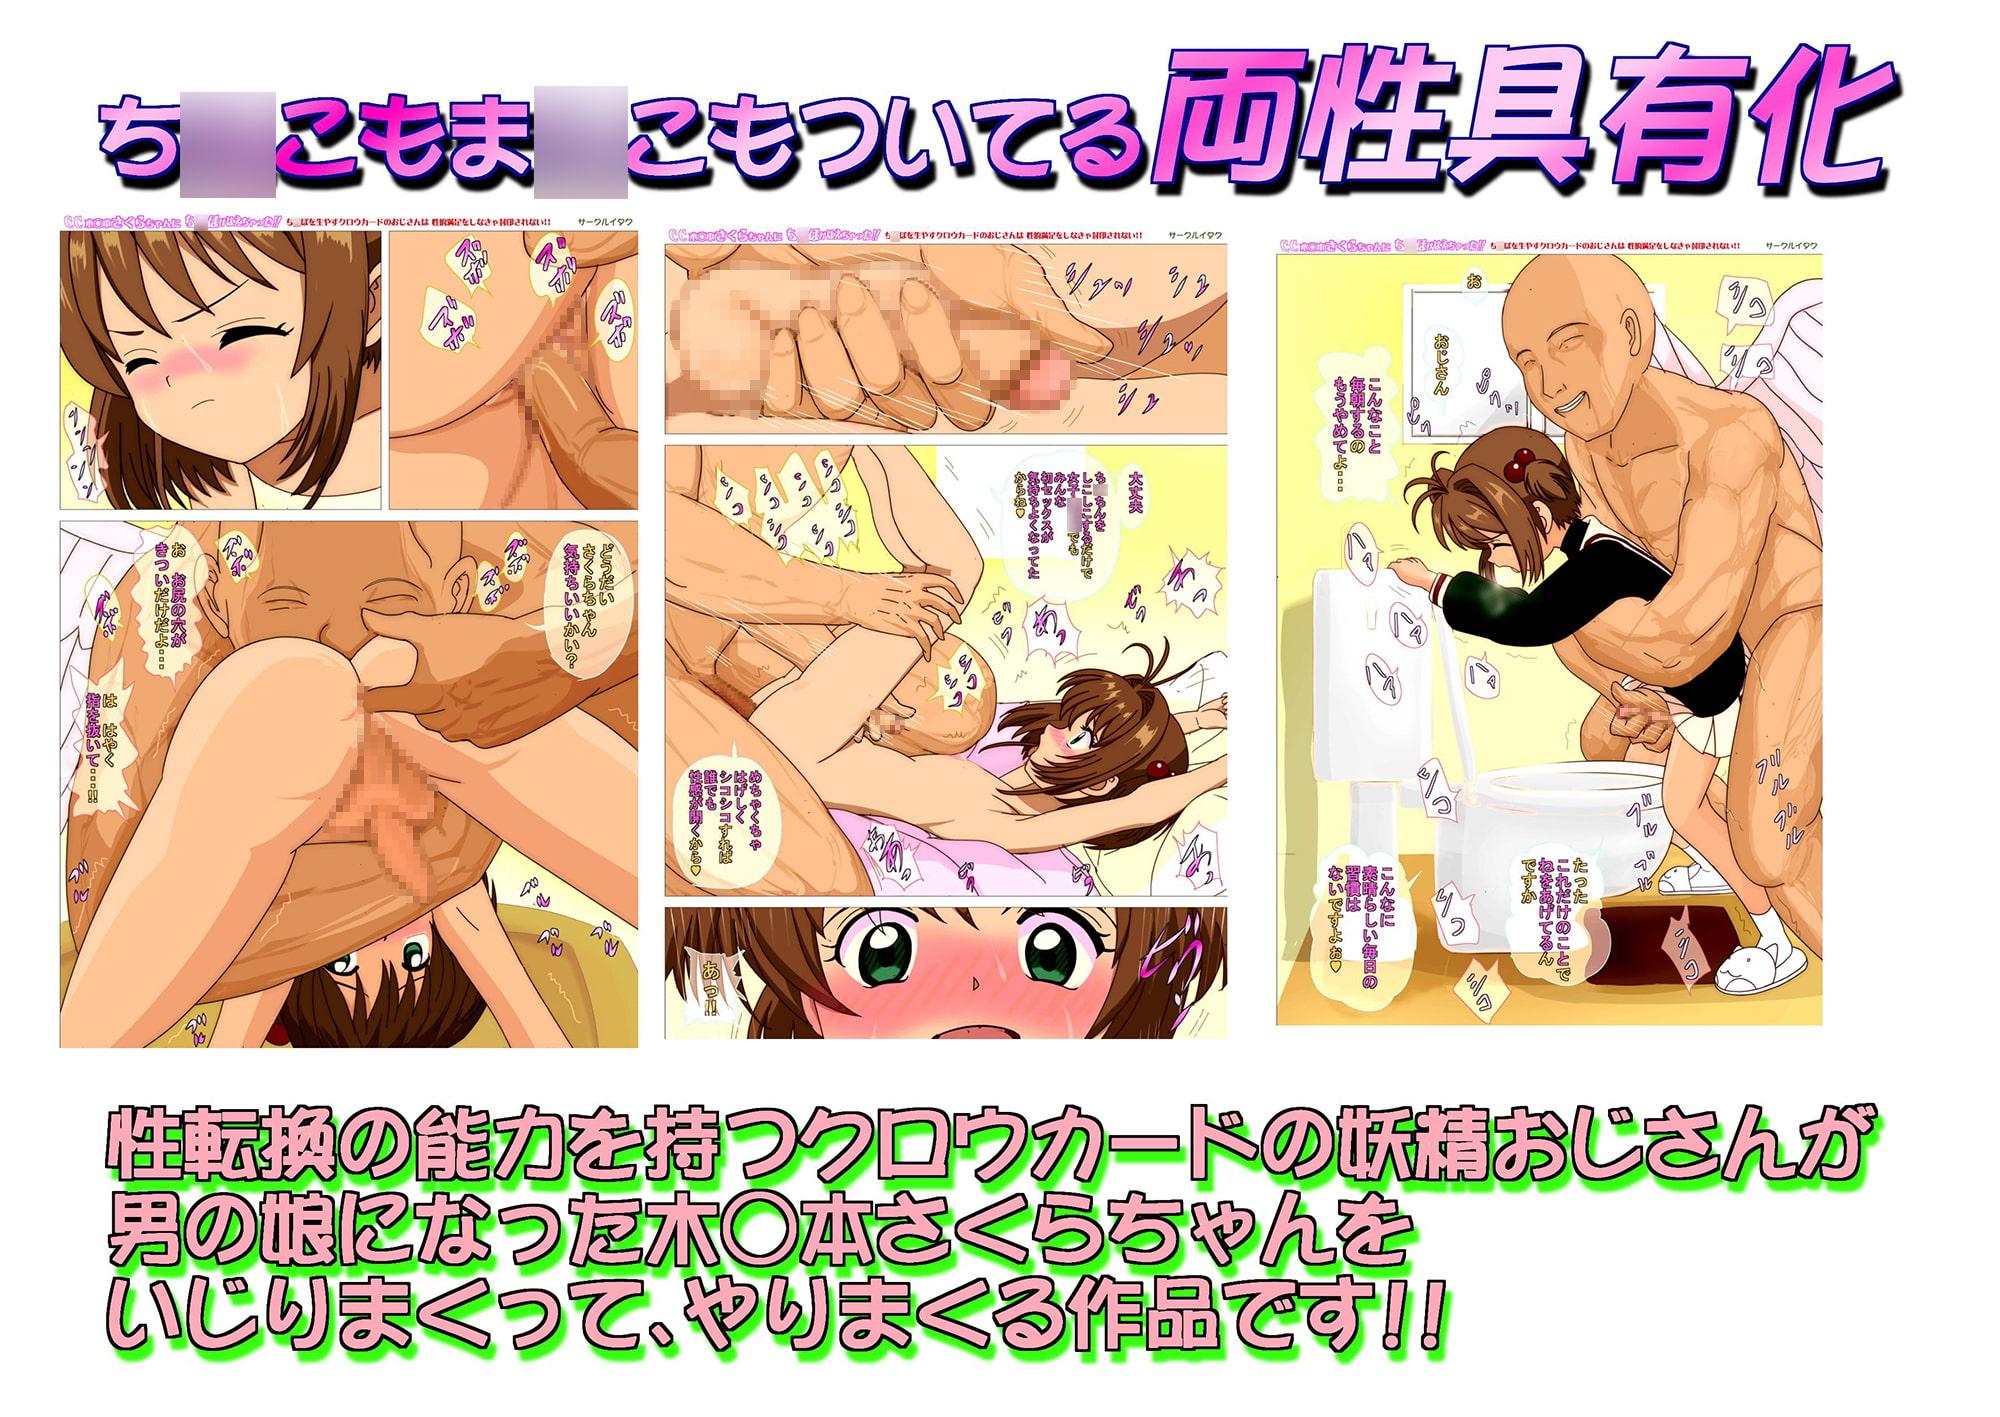 CC木◯本さくらちゃんにち◯ぽがはえちゃった!! ち◯ぽを生やすクロウカードのおじさんは 性的満足をしなきゃ封印されない!!